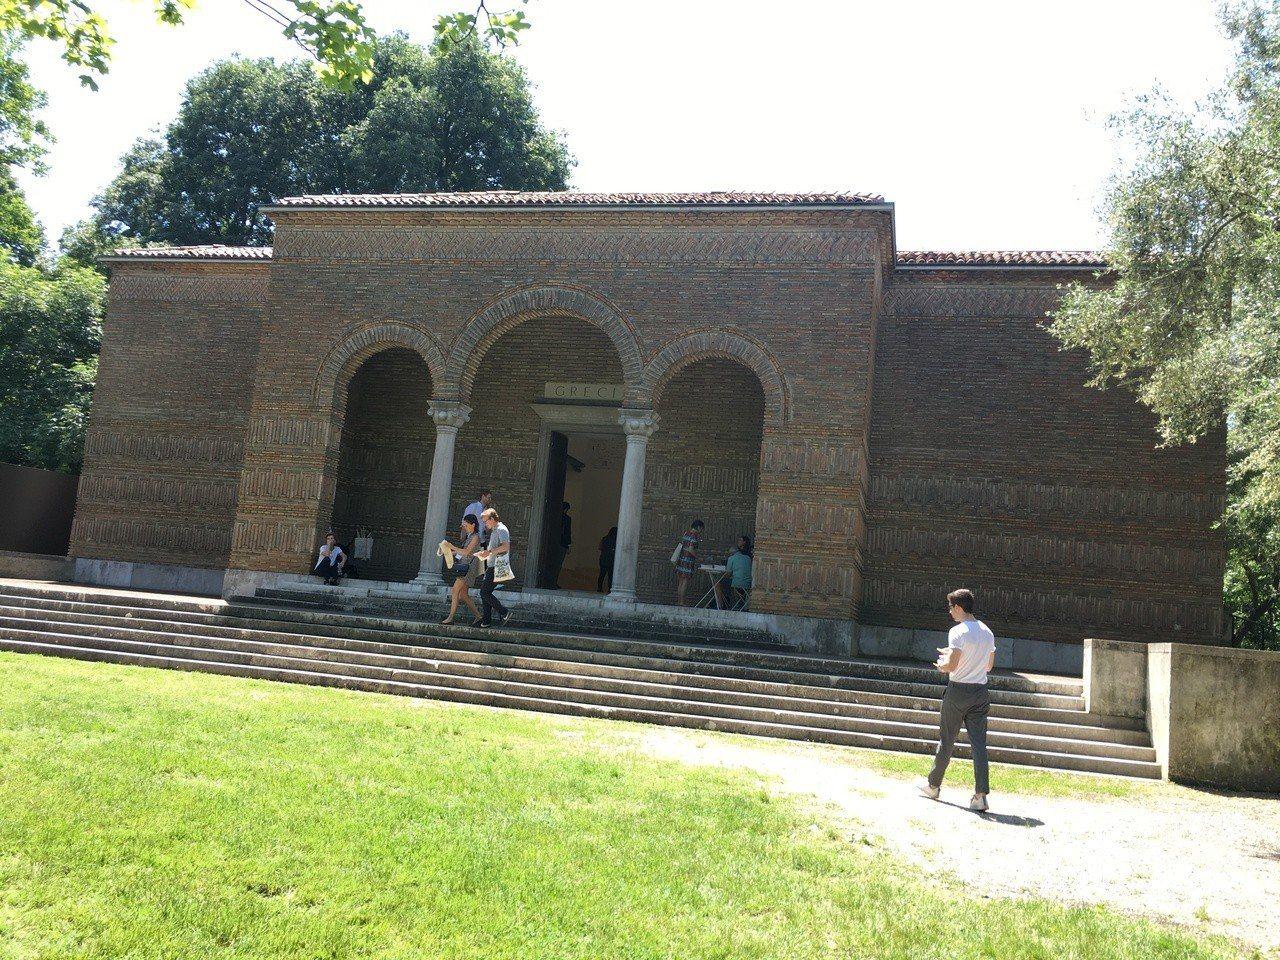 威尼斯建築雙年展的綠園展區有許多專屬的國家館,各館頗富不同國家特色,圖為希臘館。...